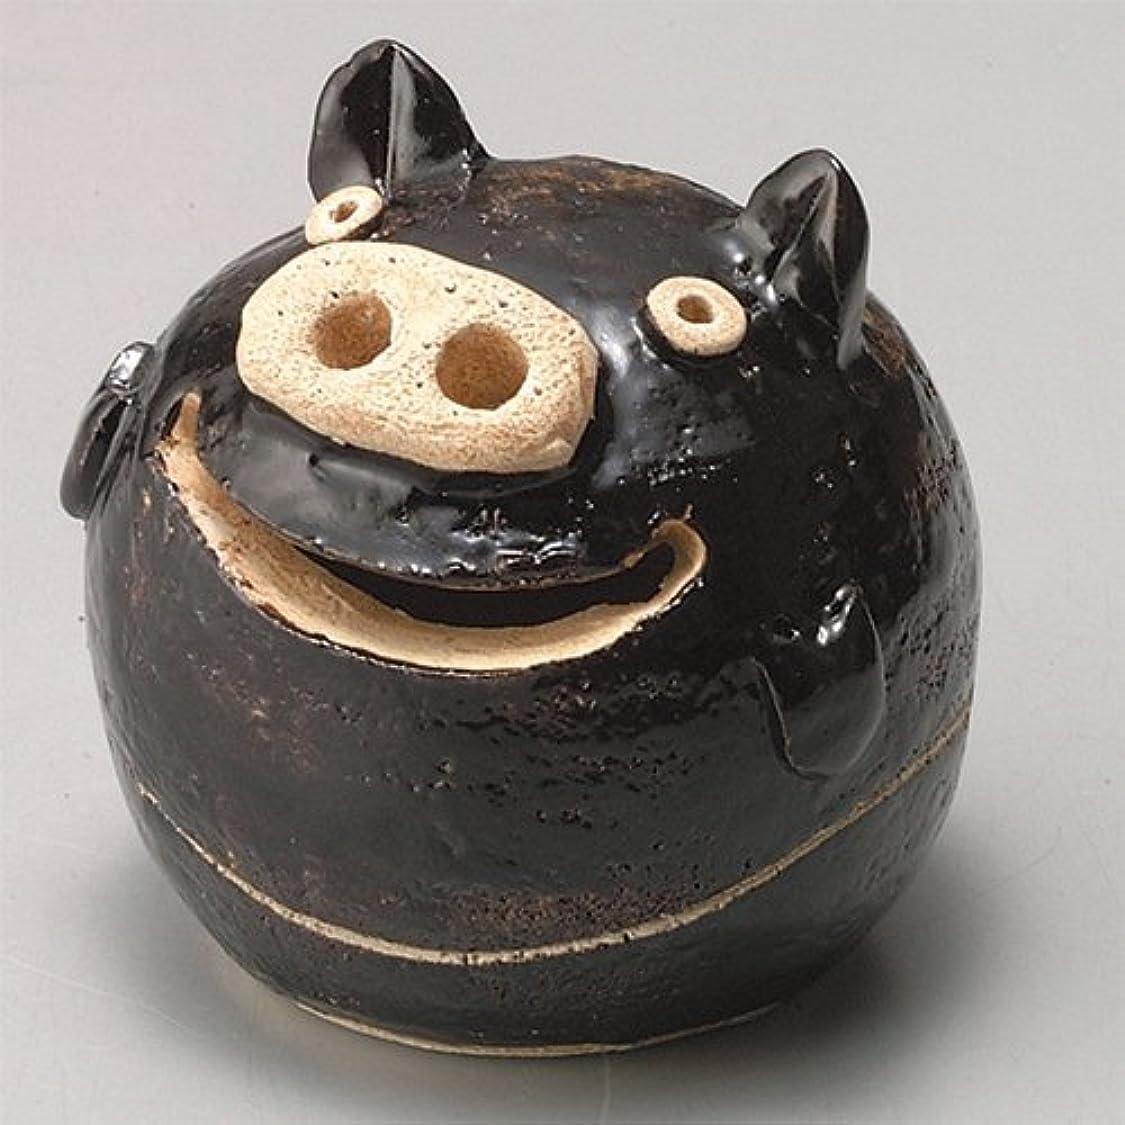 香炉 ぶた君 香炉(黒) [H9cm] HANDMADE プレゼント ギフト 和食器 かわいい インテリア